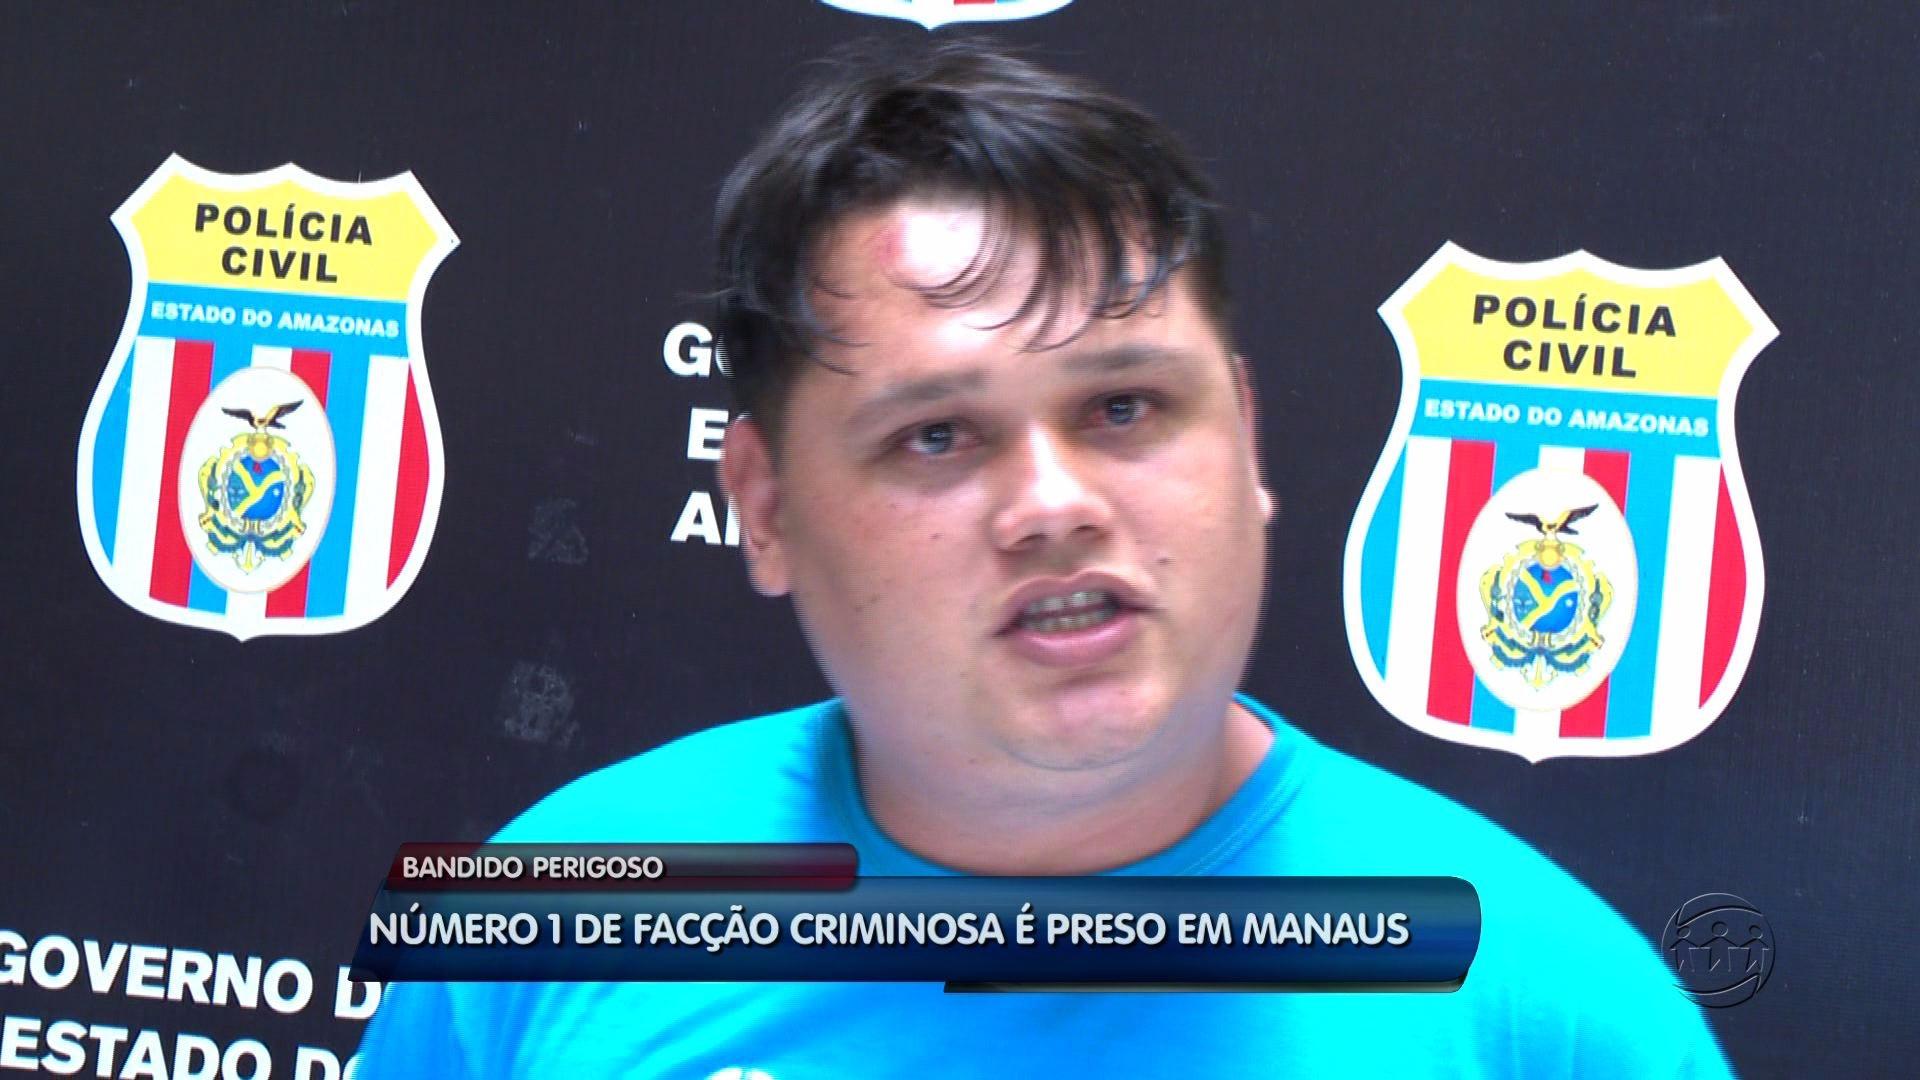 ''SE DEU MAL'': CHEFE DE FACÇÃO CRIMINOSA É PRESO - ALÔ AMAZONAS - 28/03/2017